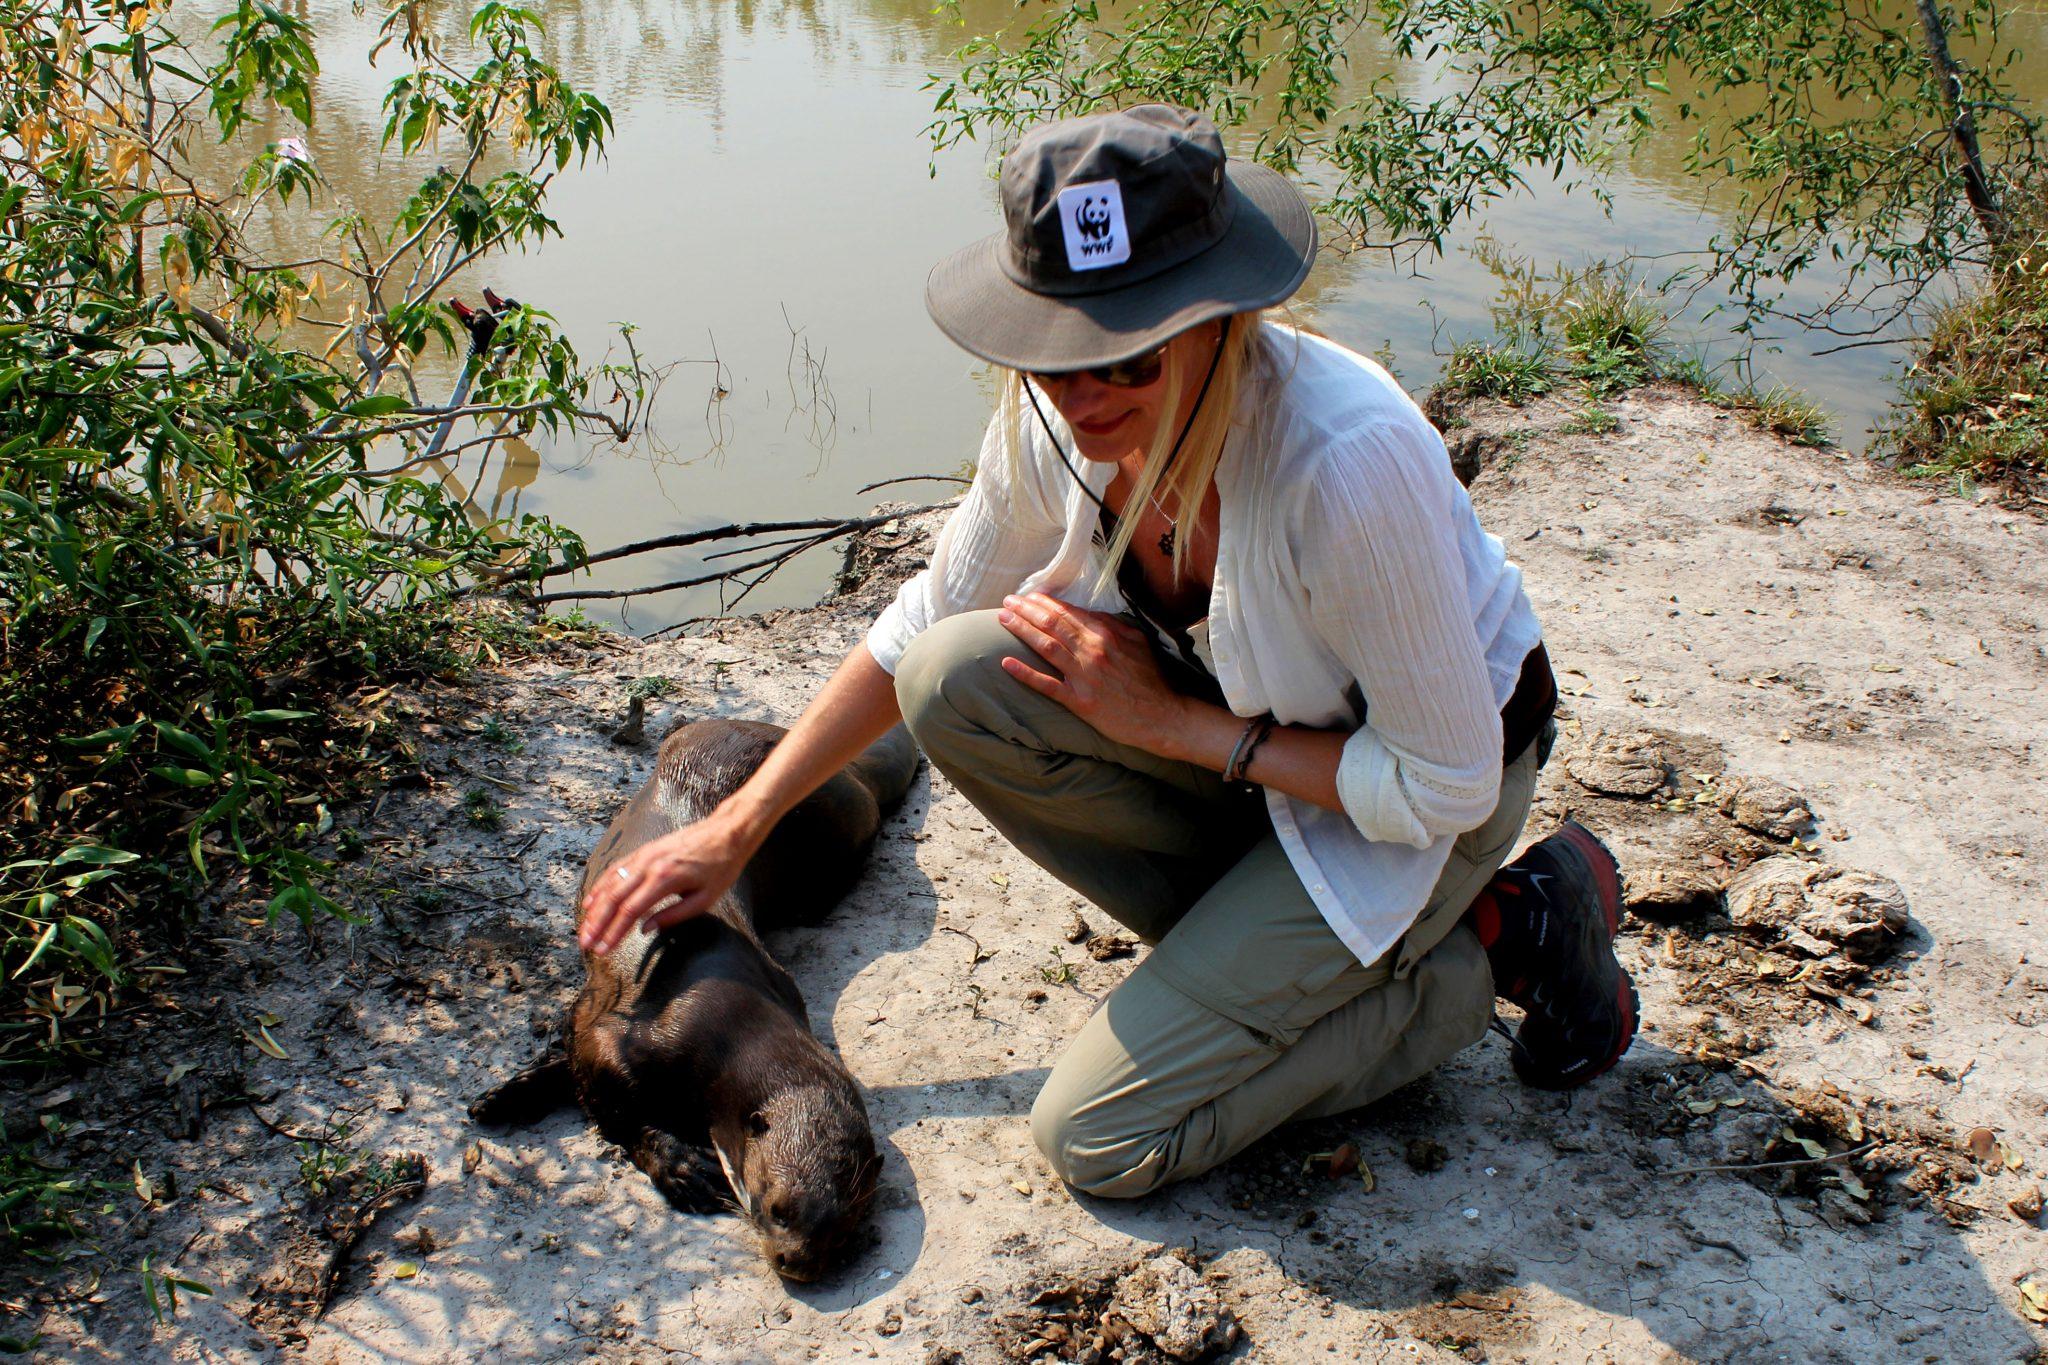 Normalerweise sind die Riesenotter nicht so zutraulich wie dieses zahme Exemplar. © WWF Paraguay